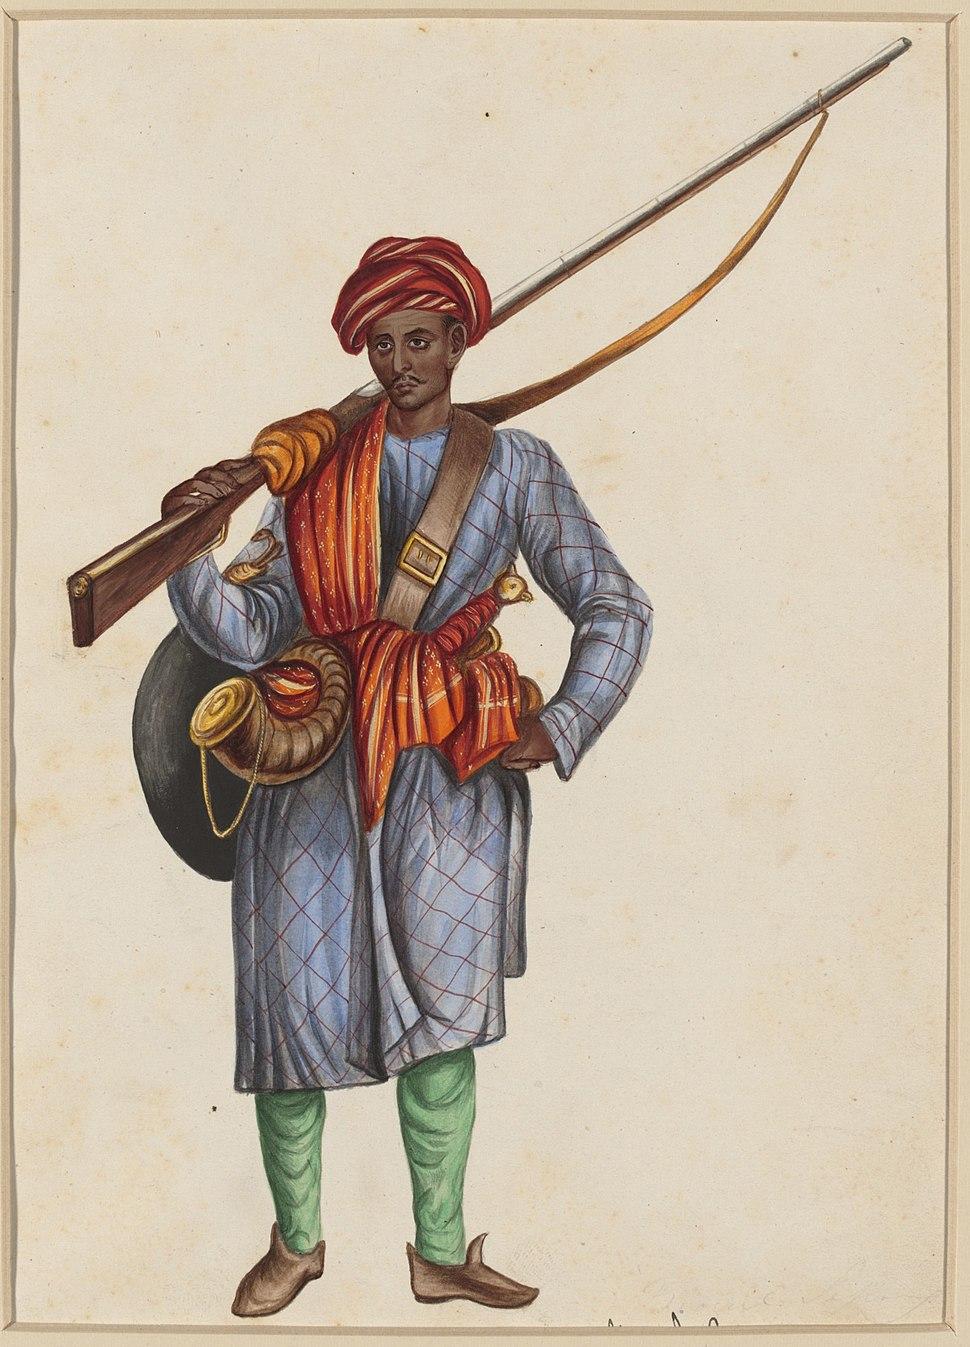 A Mughal Infantryman